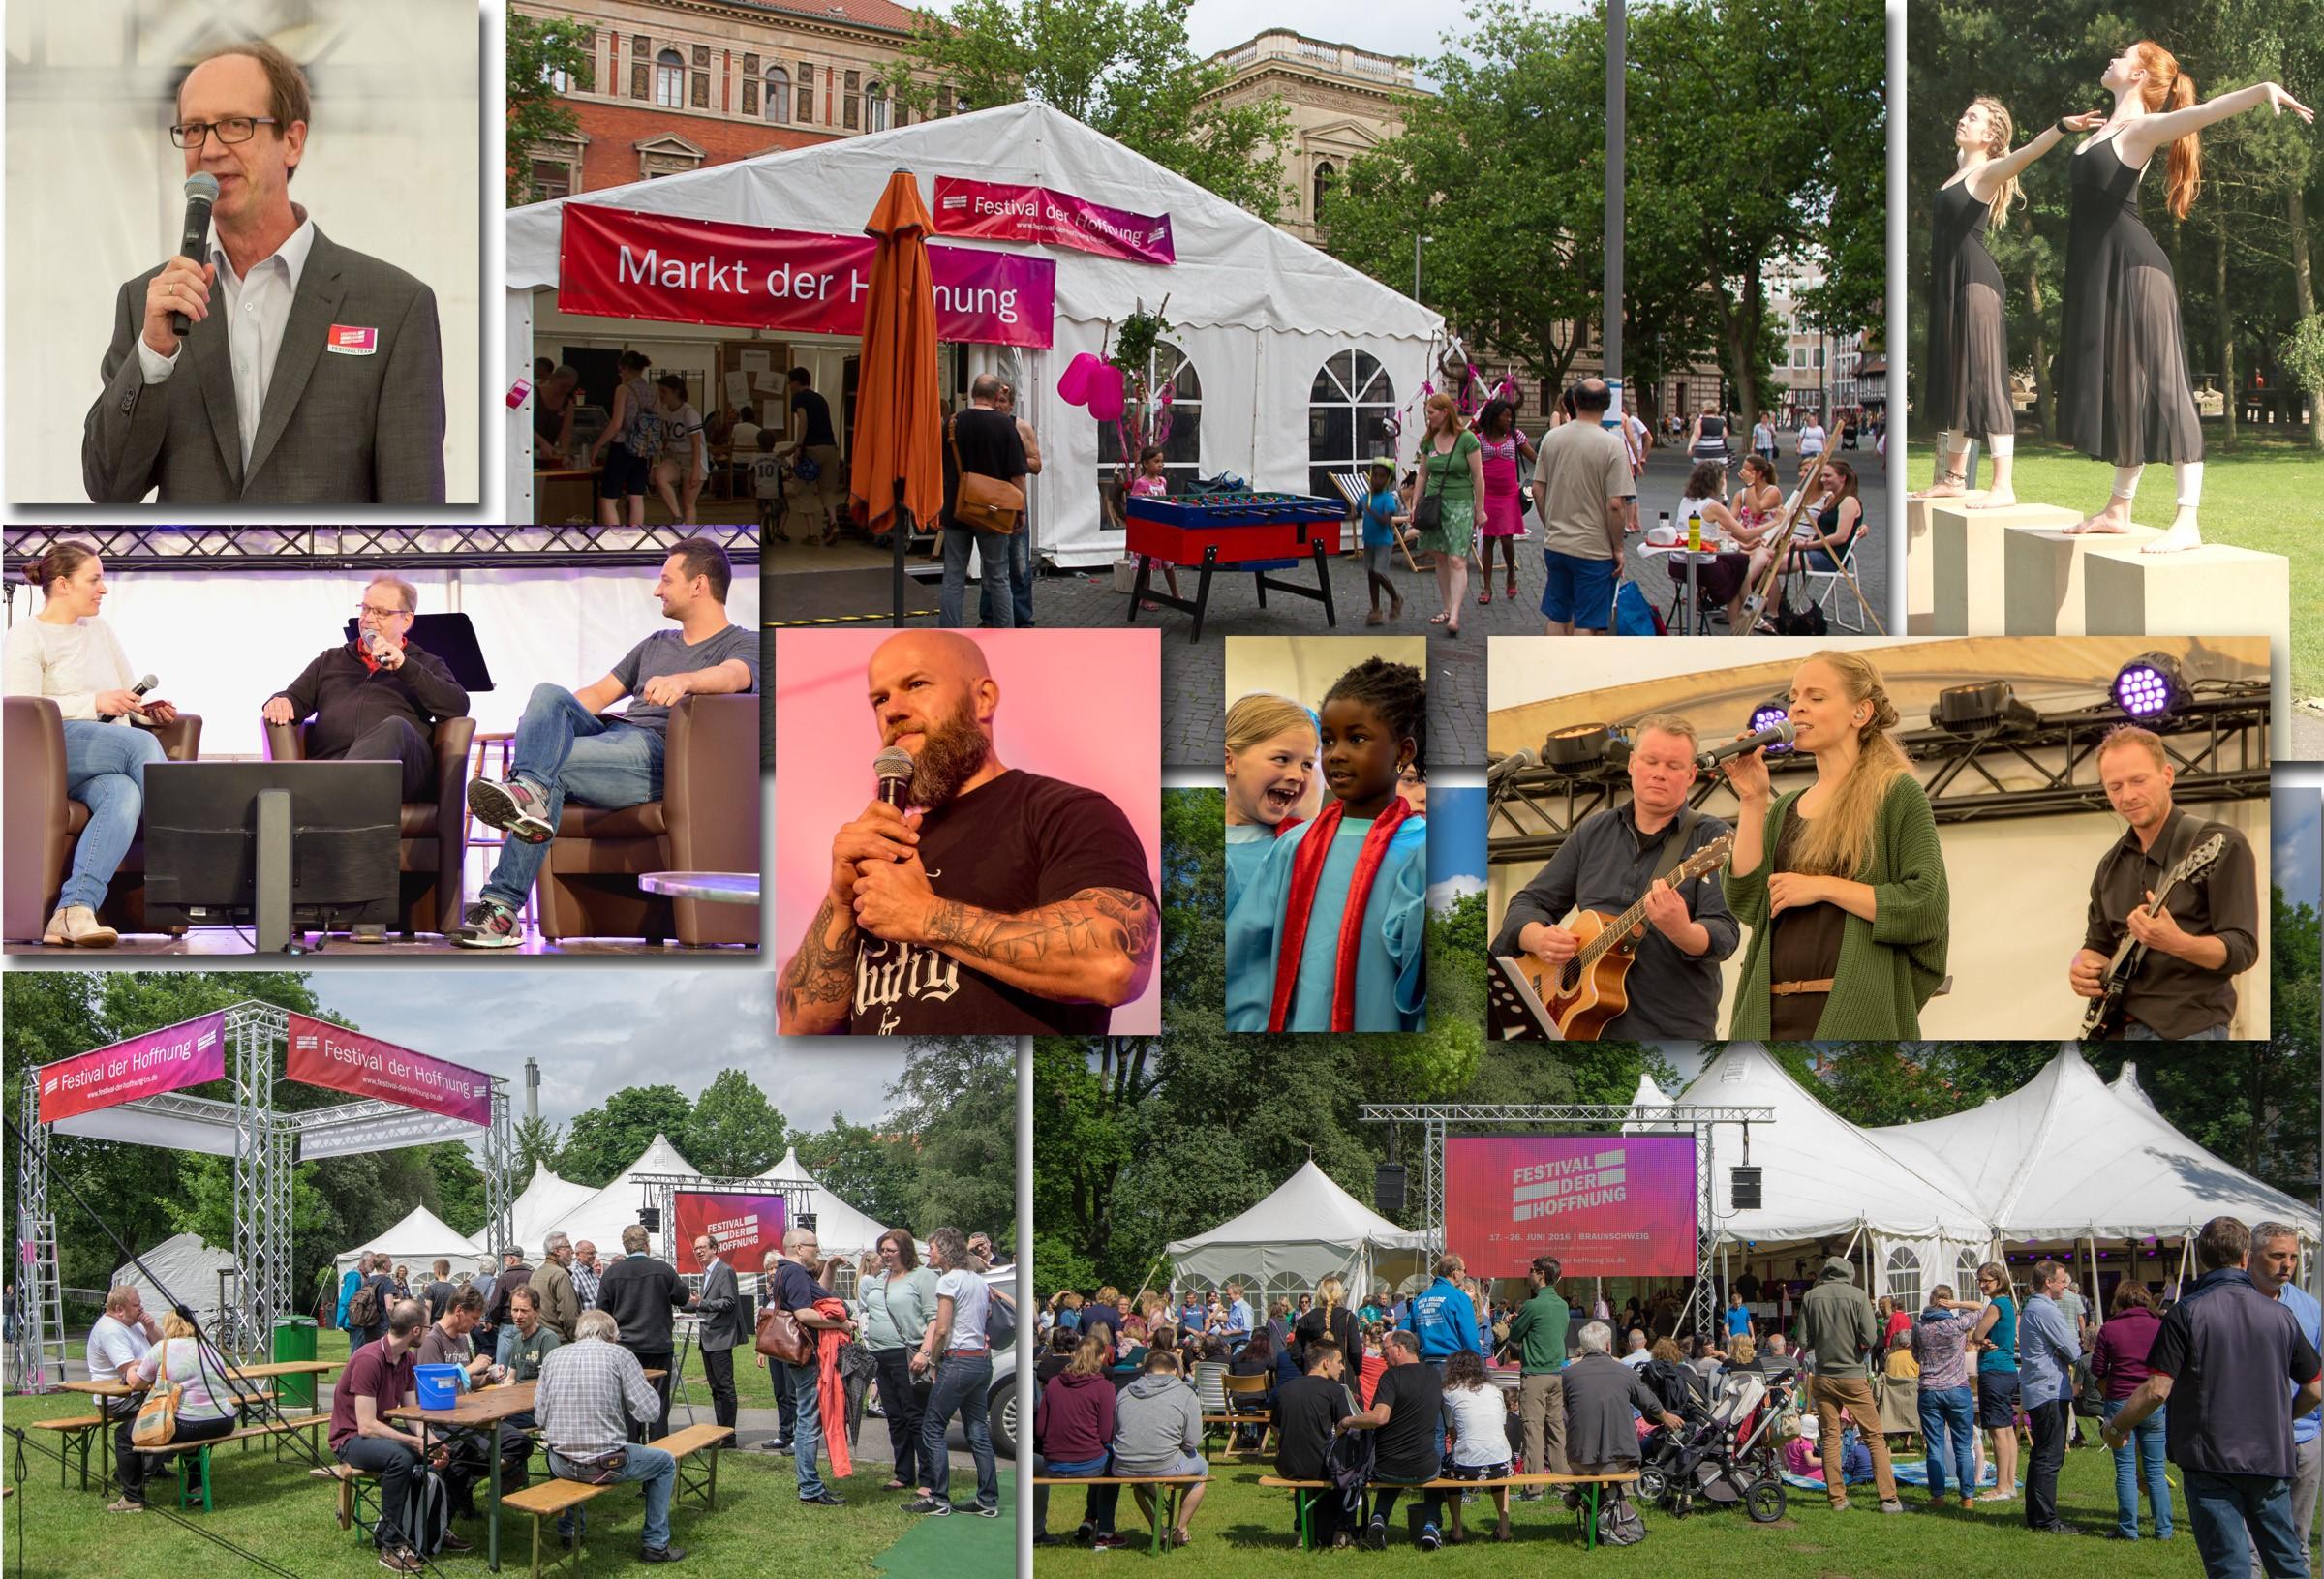 Das war das Festival der Hoffnung 2016